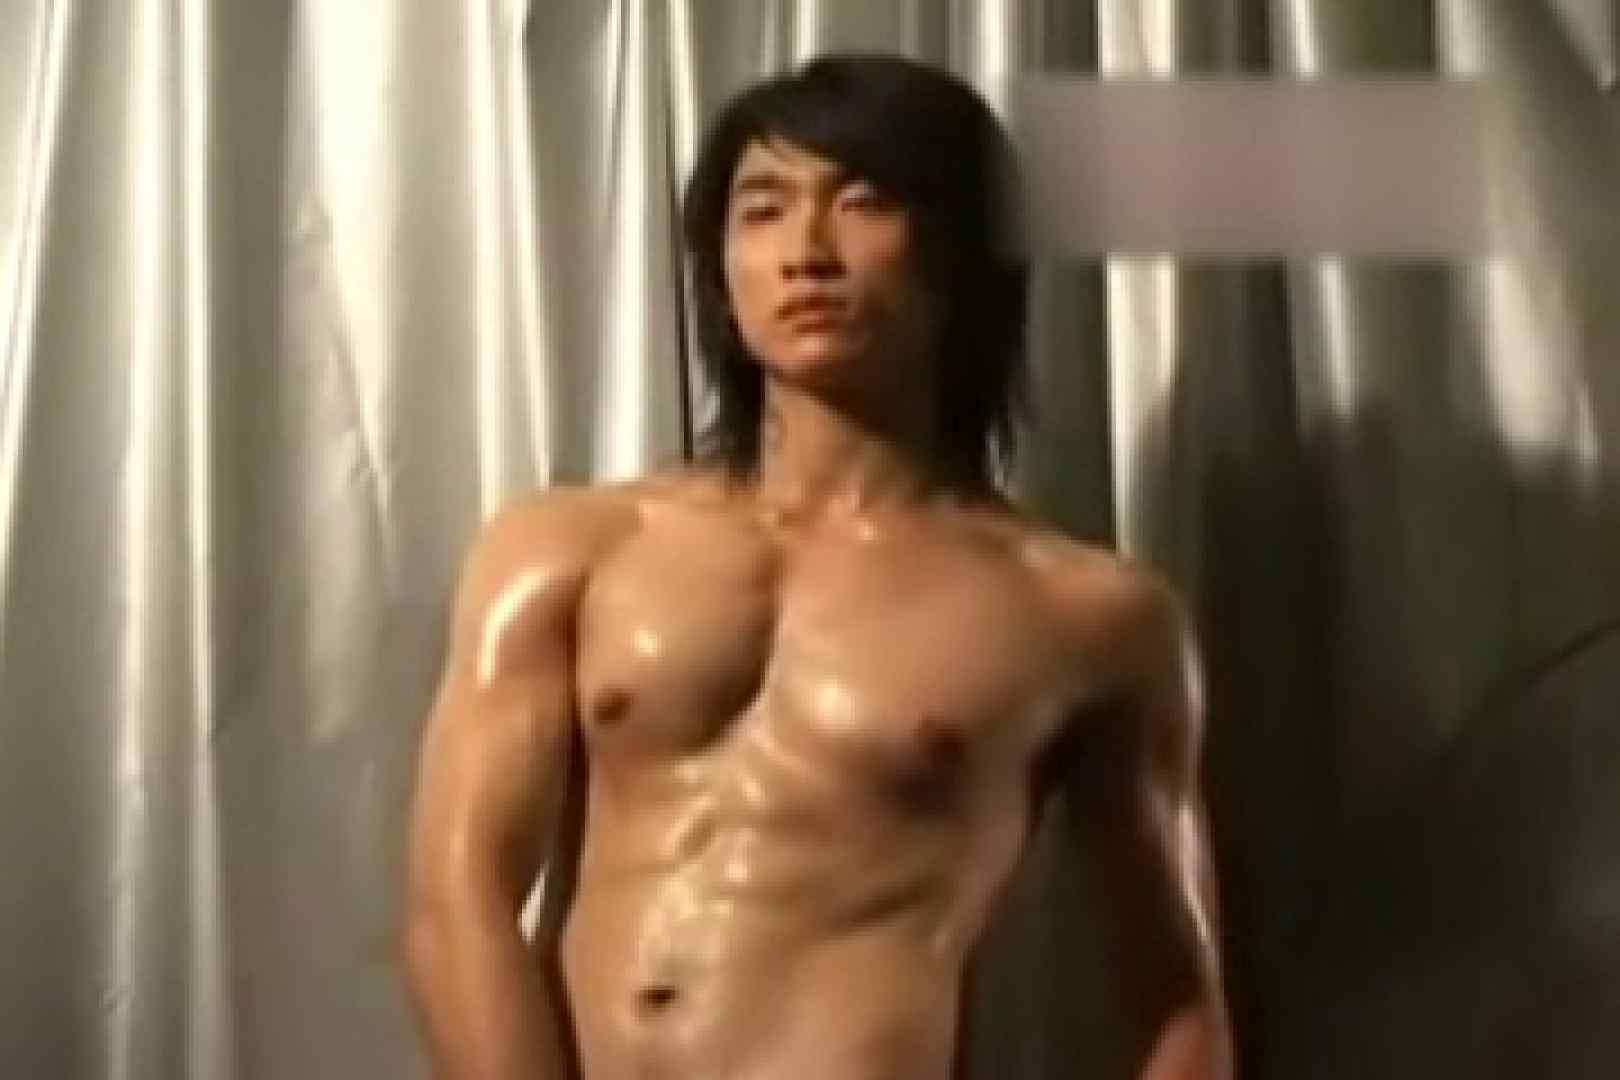 流出!!メンズスーパーモデル達のヌードinChina vol5 イケメンパラダイス ゲイモロ画像 78pic 47